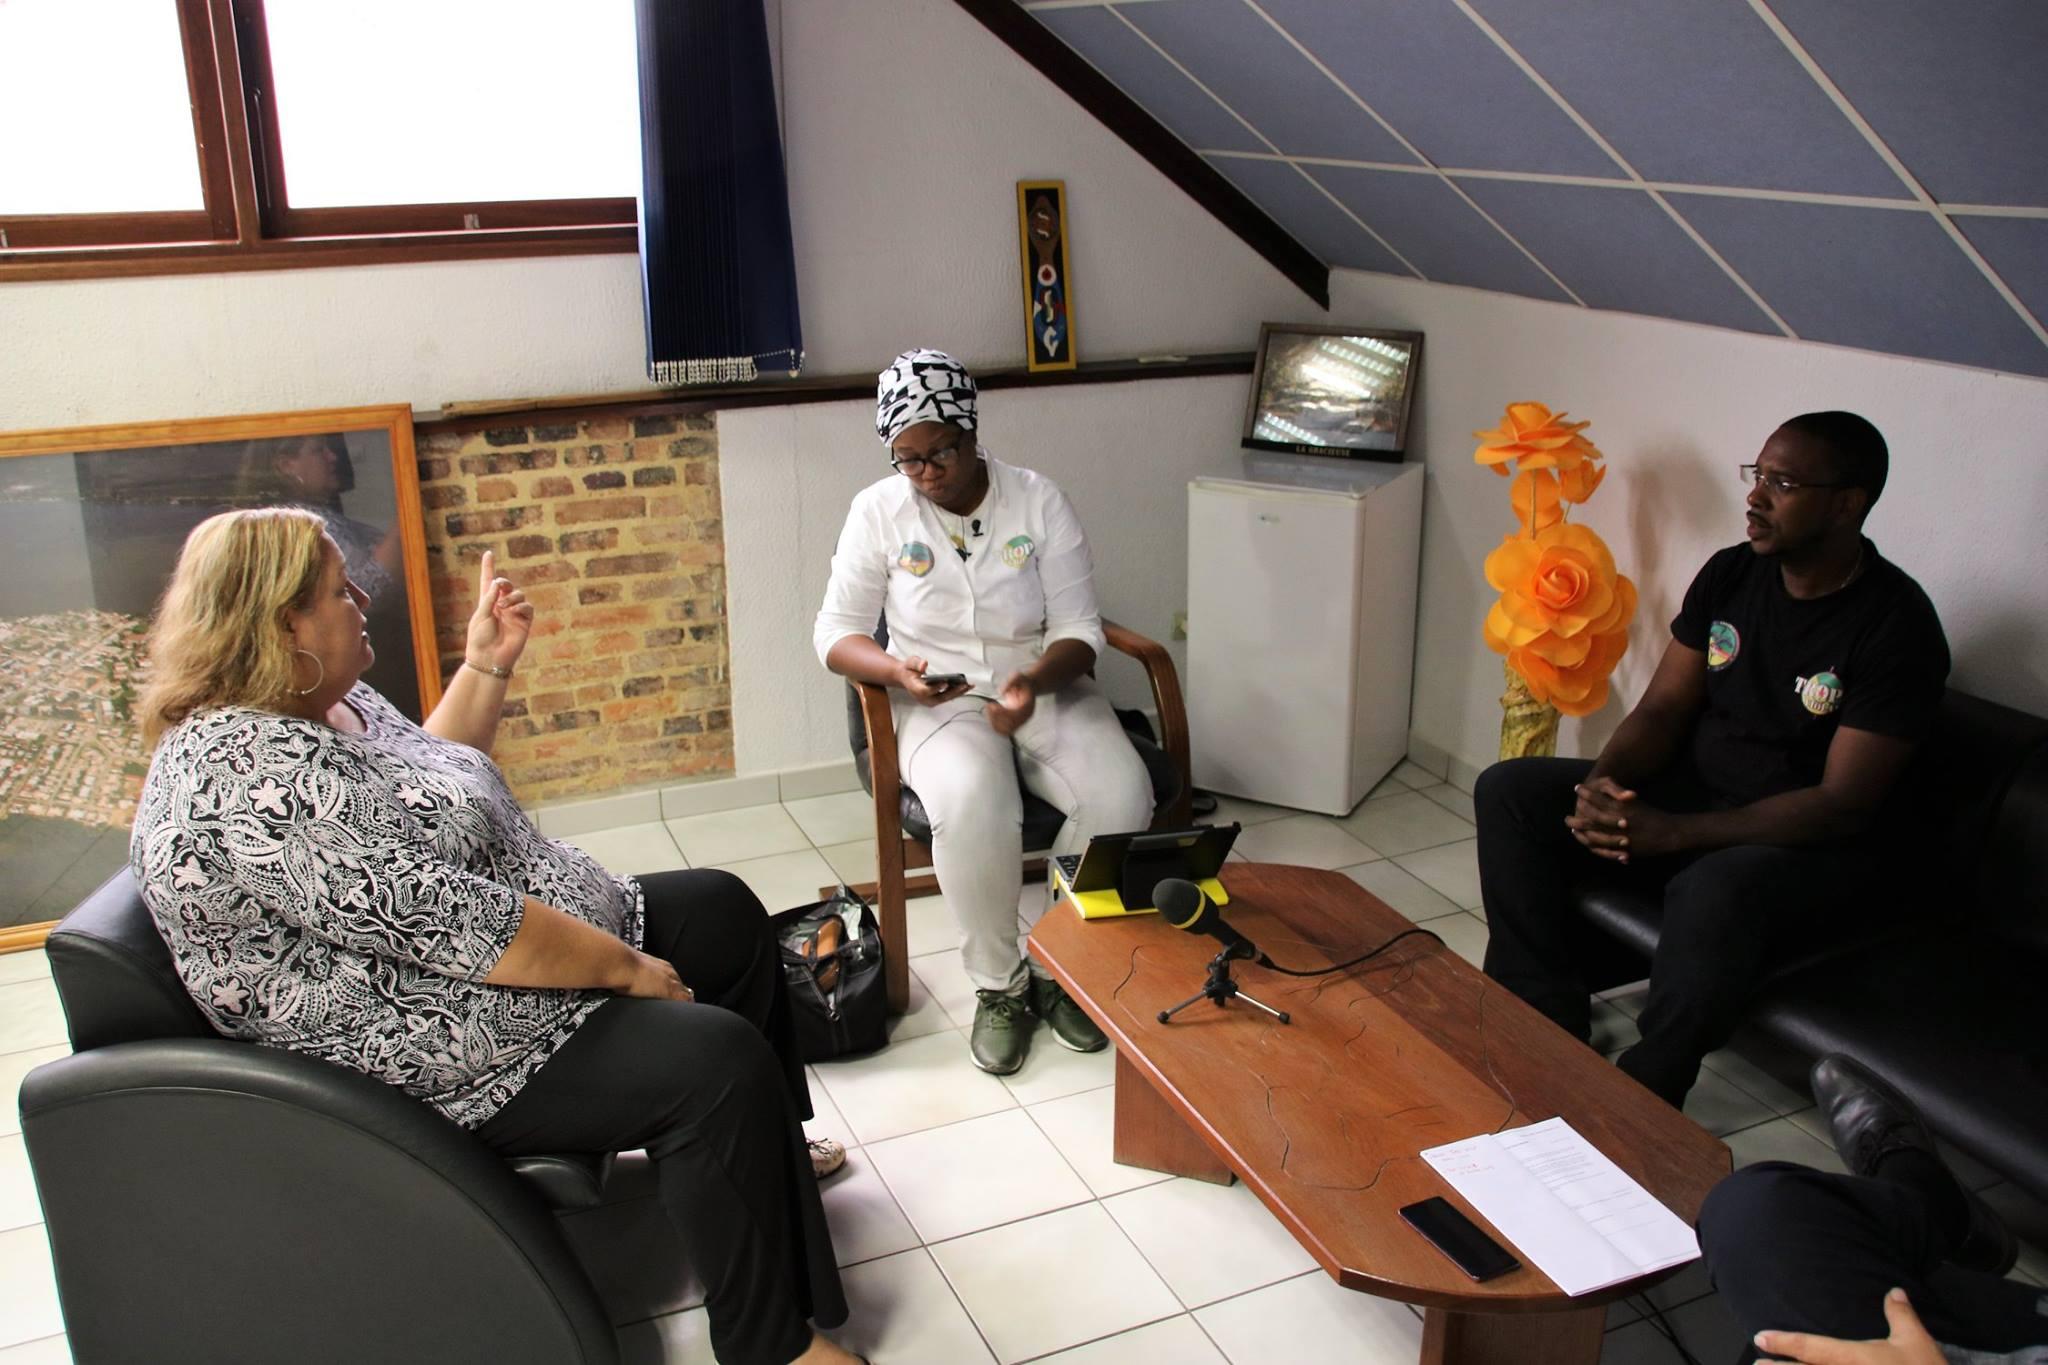 [Prévention] : Madame le maire rencontre les associations Trop Violans et 500 frères autour des questions de prévention